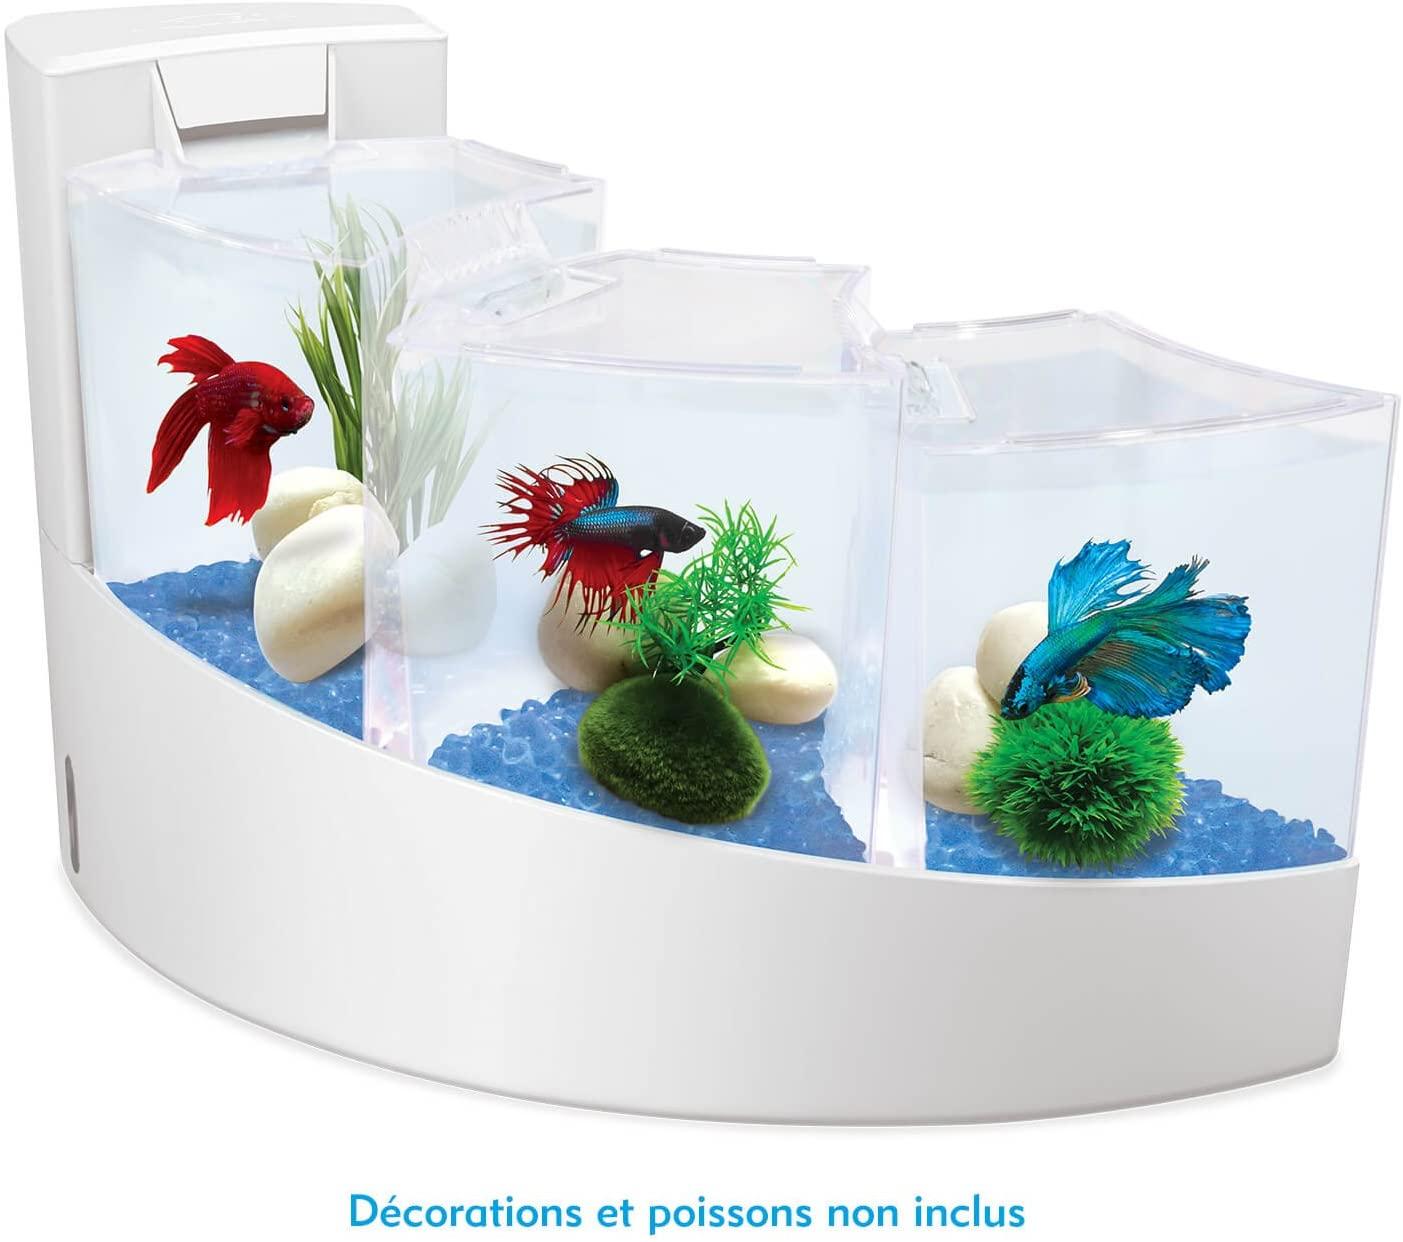 en el acuario para regalo aquafalls tripel, podemos meter varias especies de peces, además de pez betta.